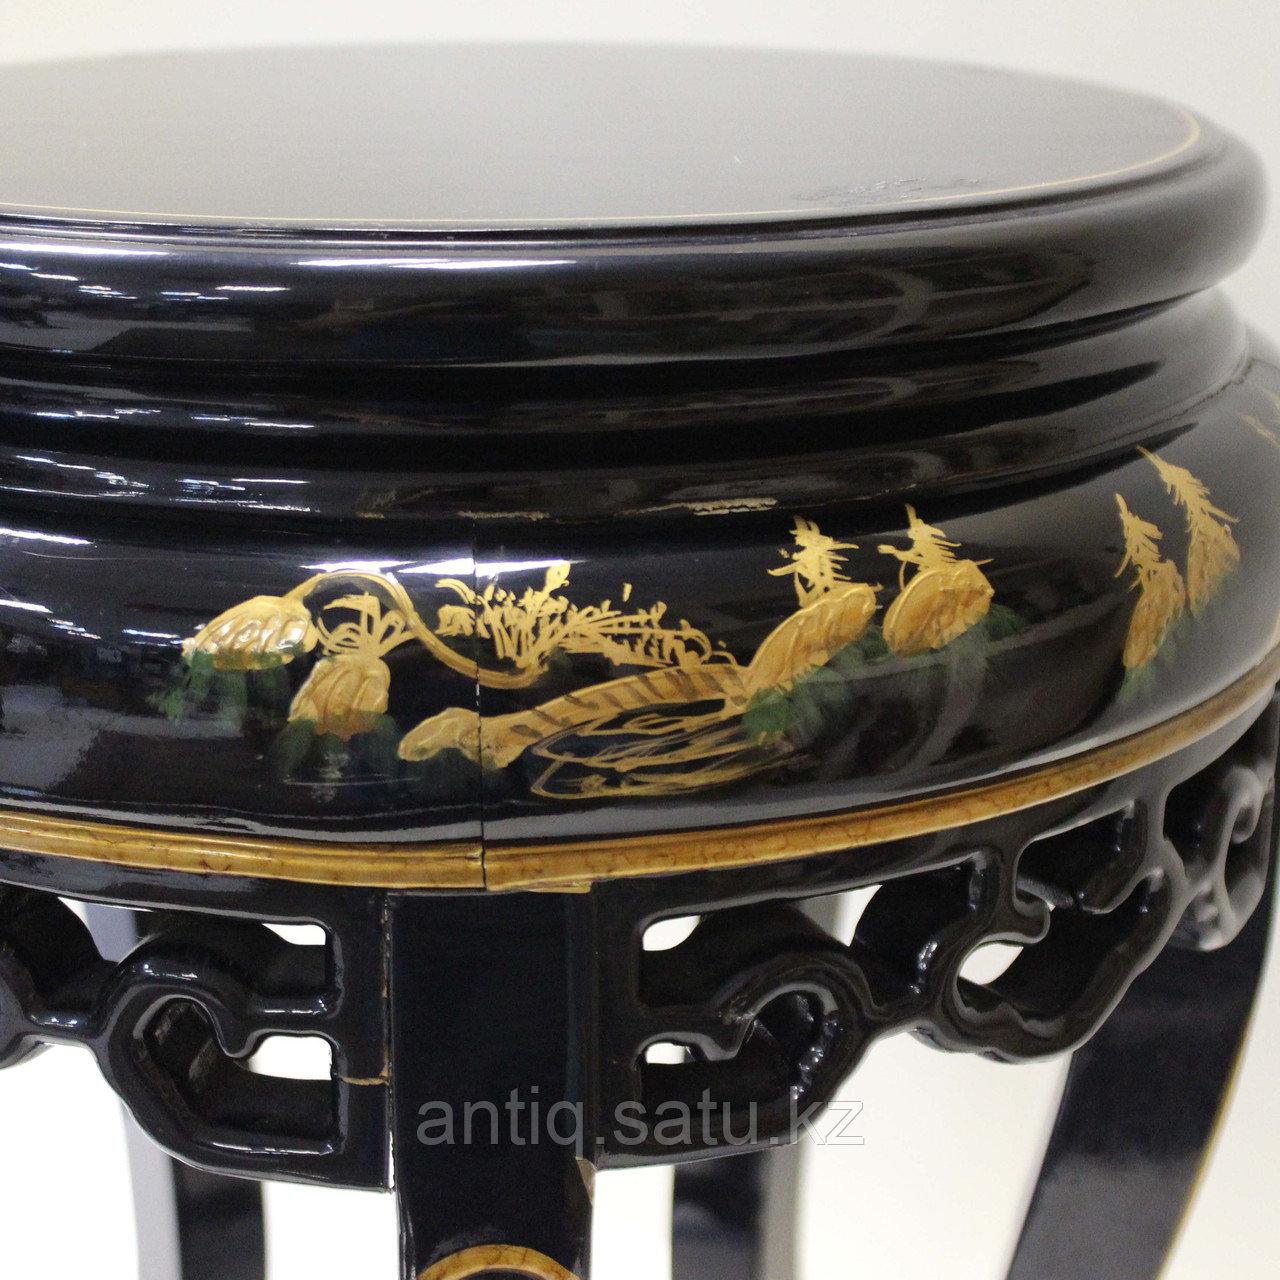 Журнальный столик с черным лаком. Китай (Шинуазри) - фото 8